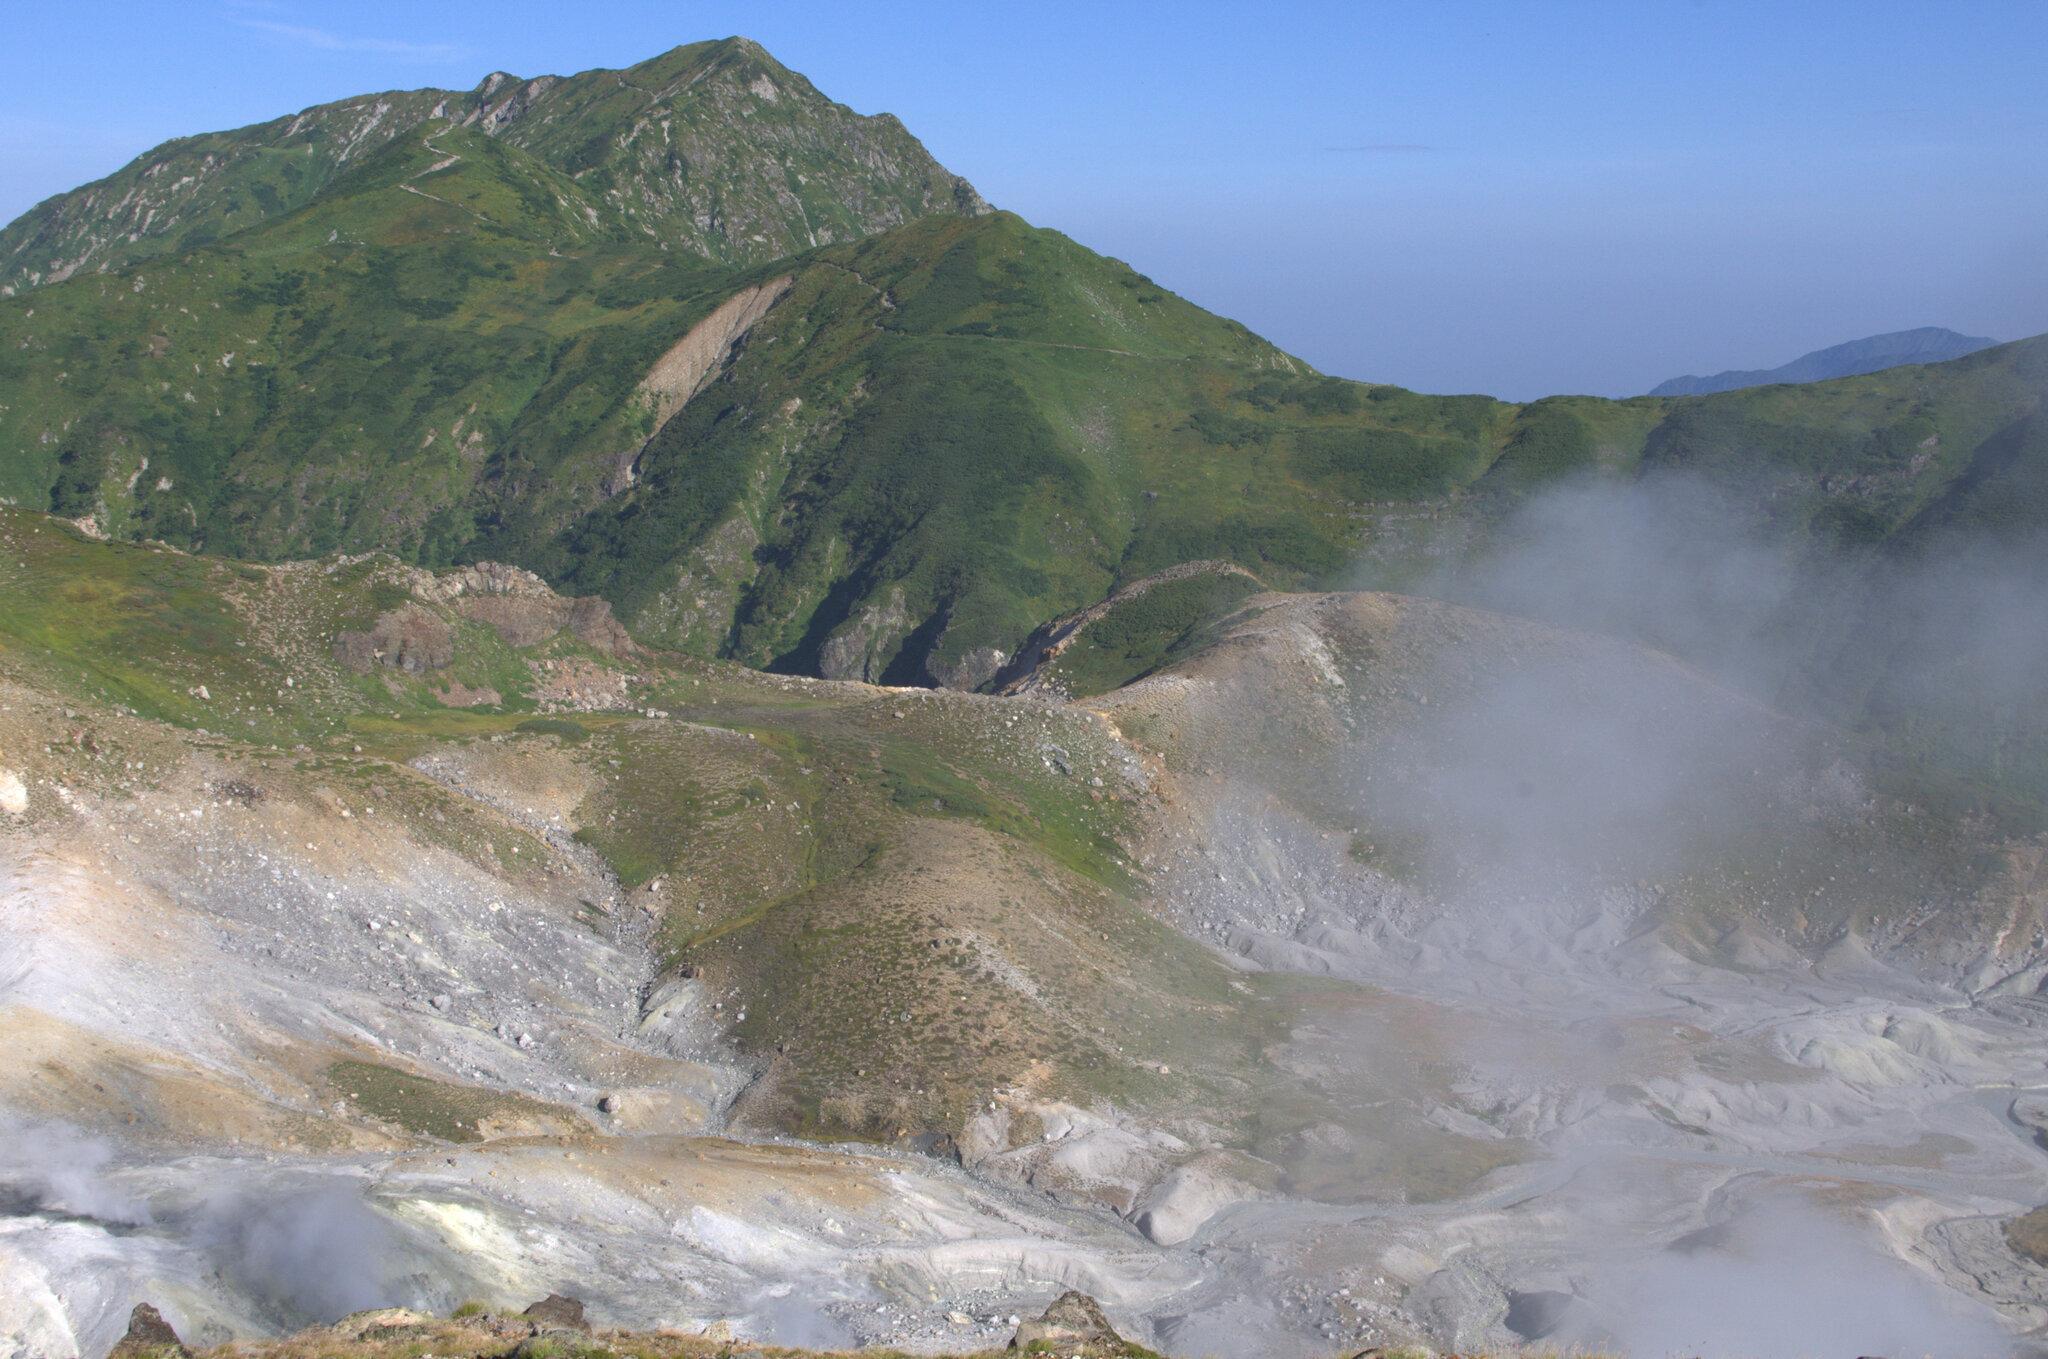 立山スペシャル Dコース<br>立山と大日連山の最高峰に登頂<br>大汝山と奥大日岳 3日間